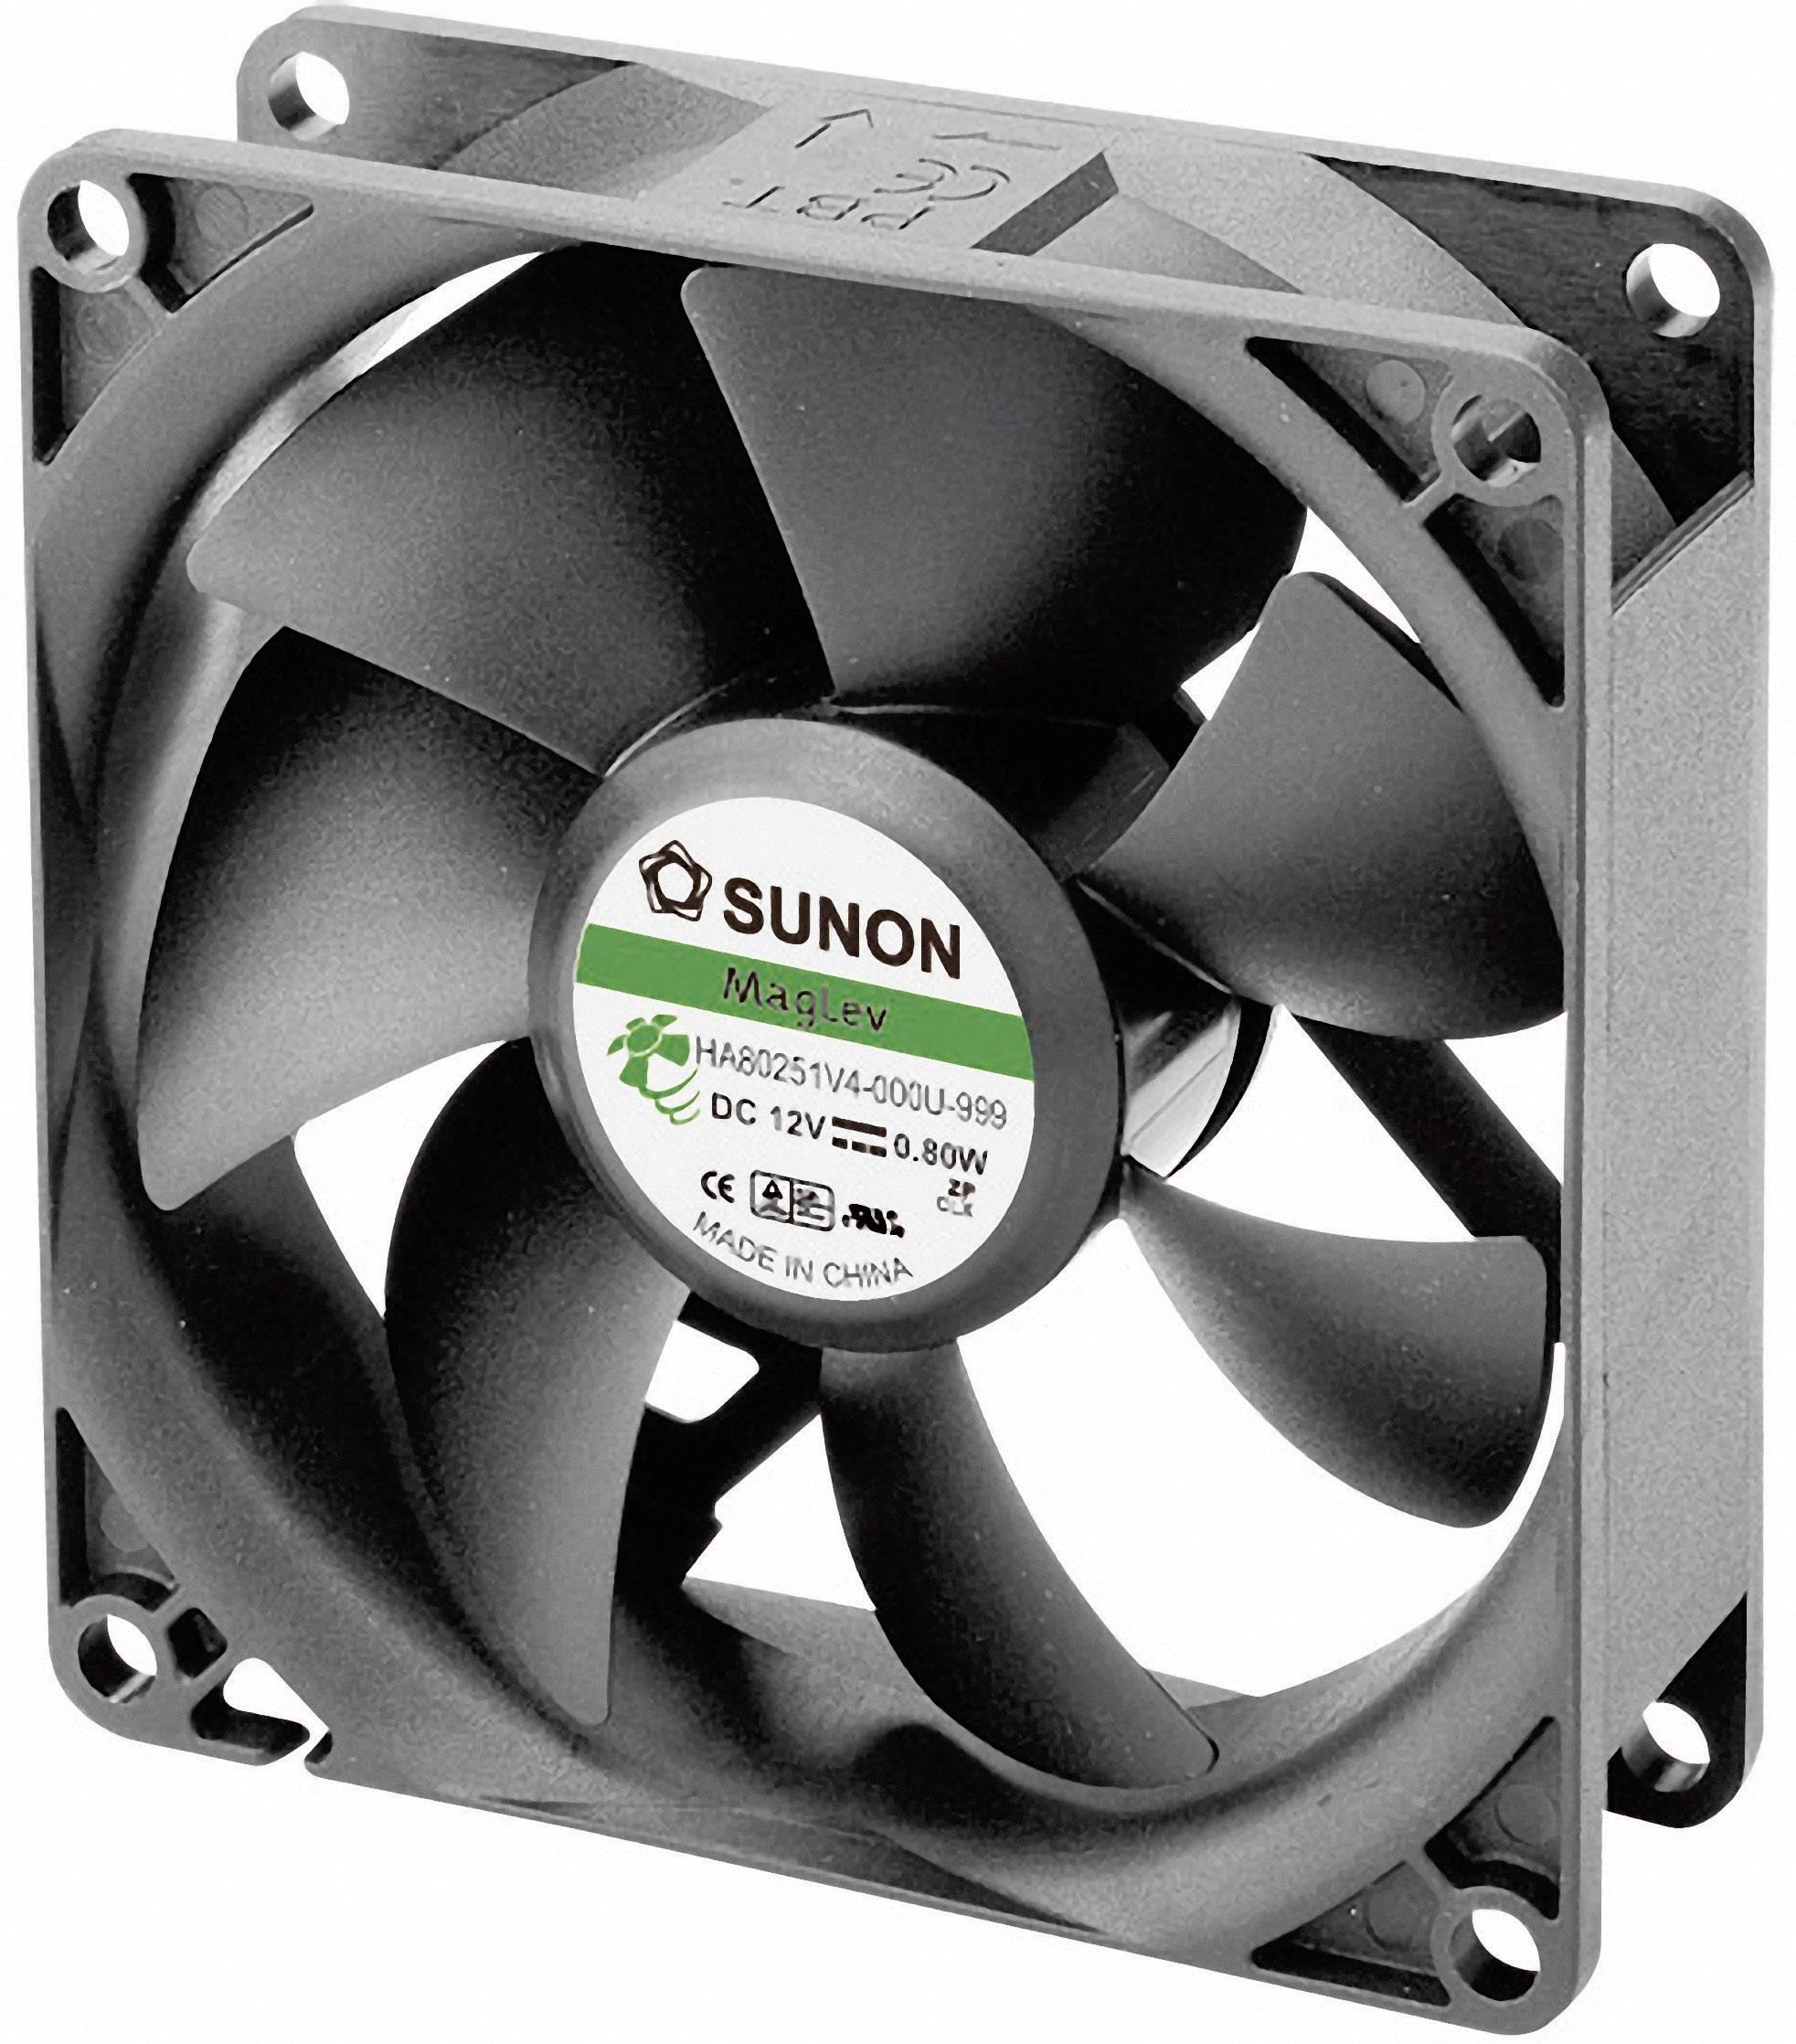 Ventilátor Sunon DR HA80251V4-0000-999, 80 x 80 x 25 mm, 12 V/DC